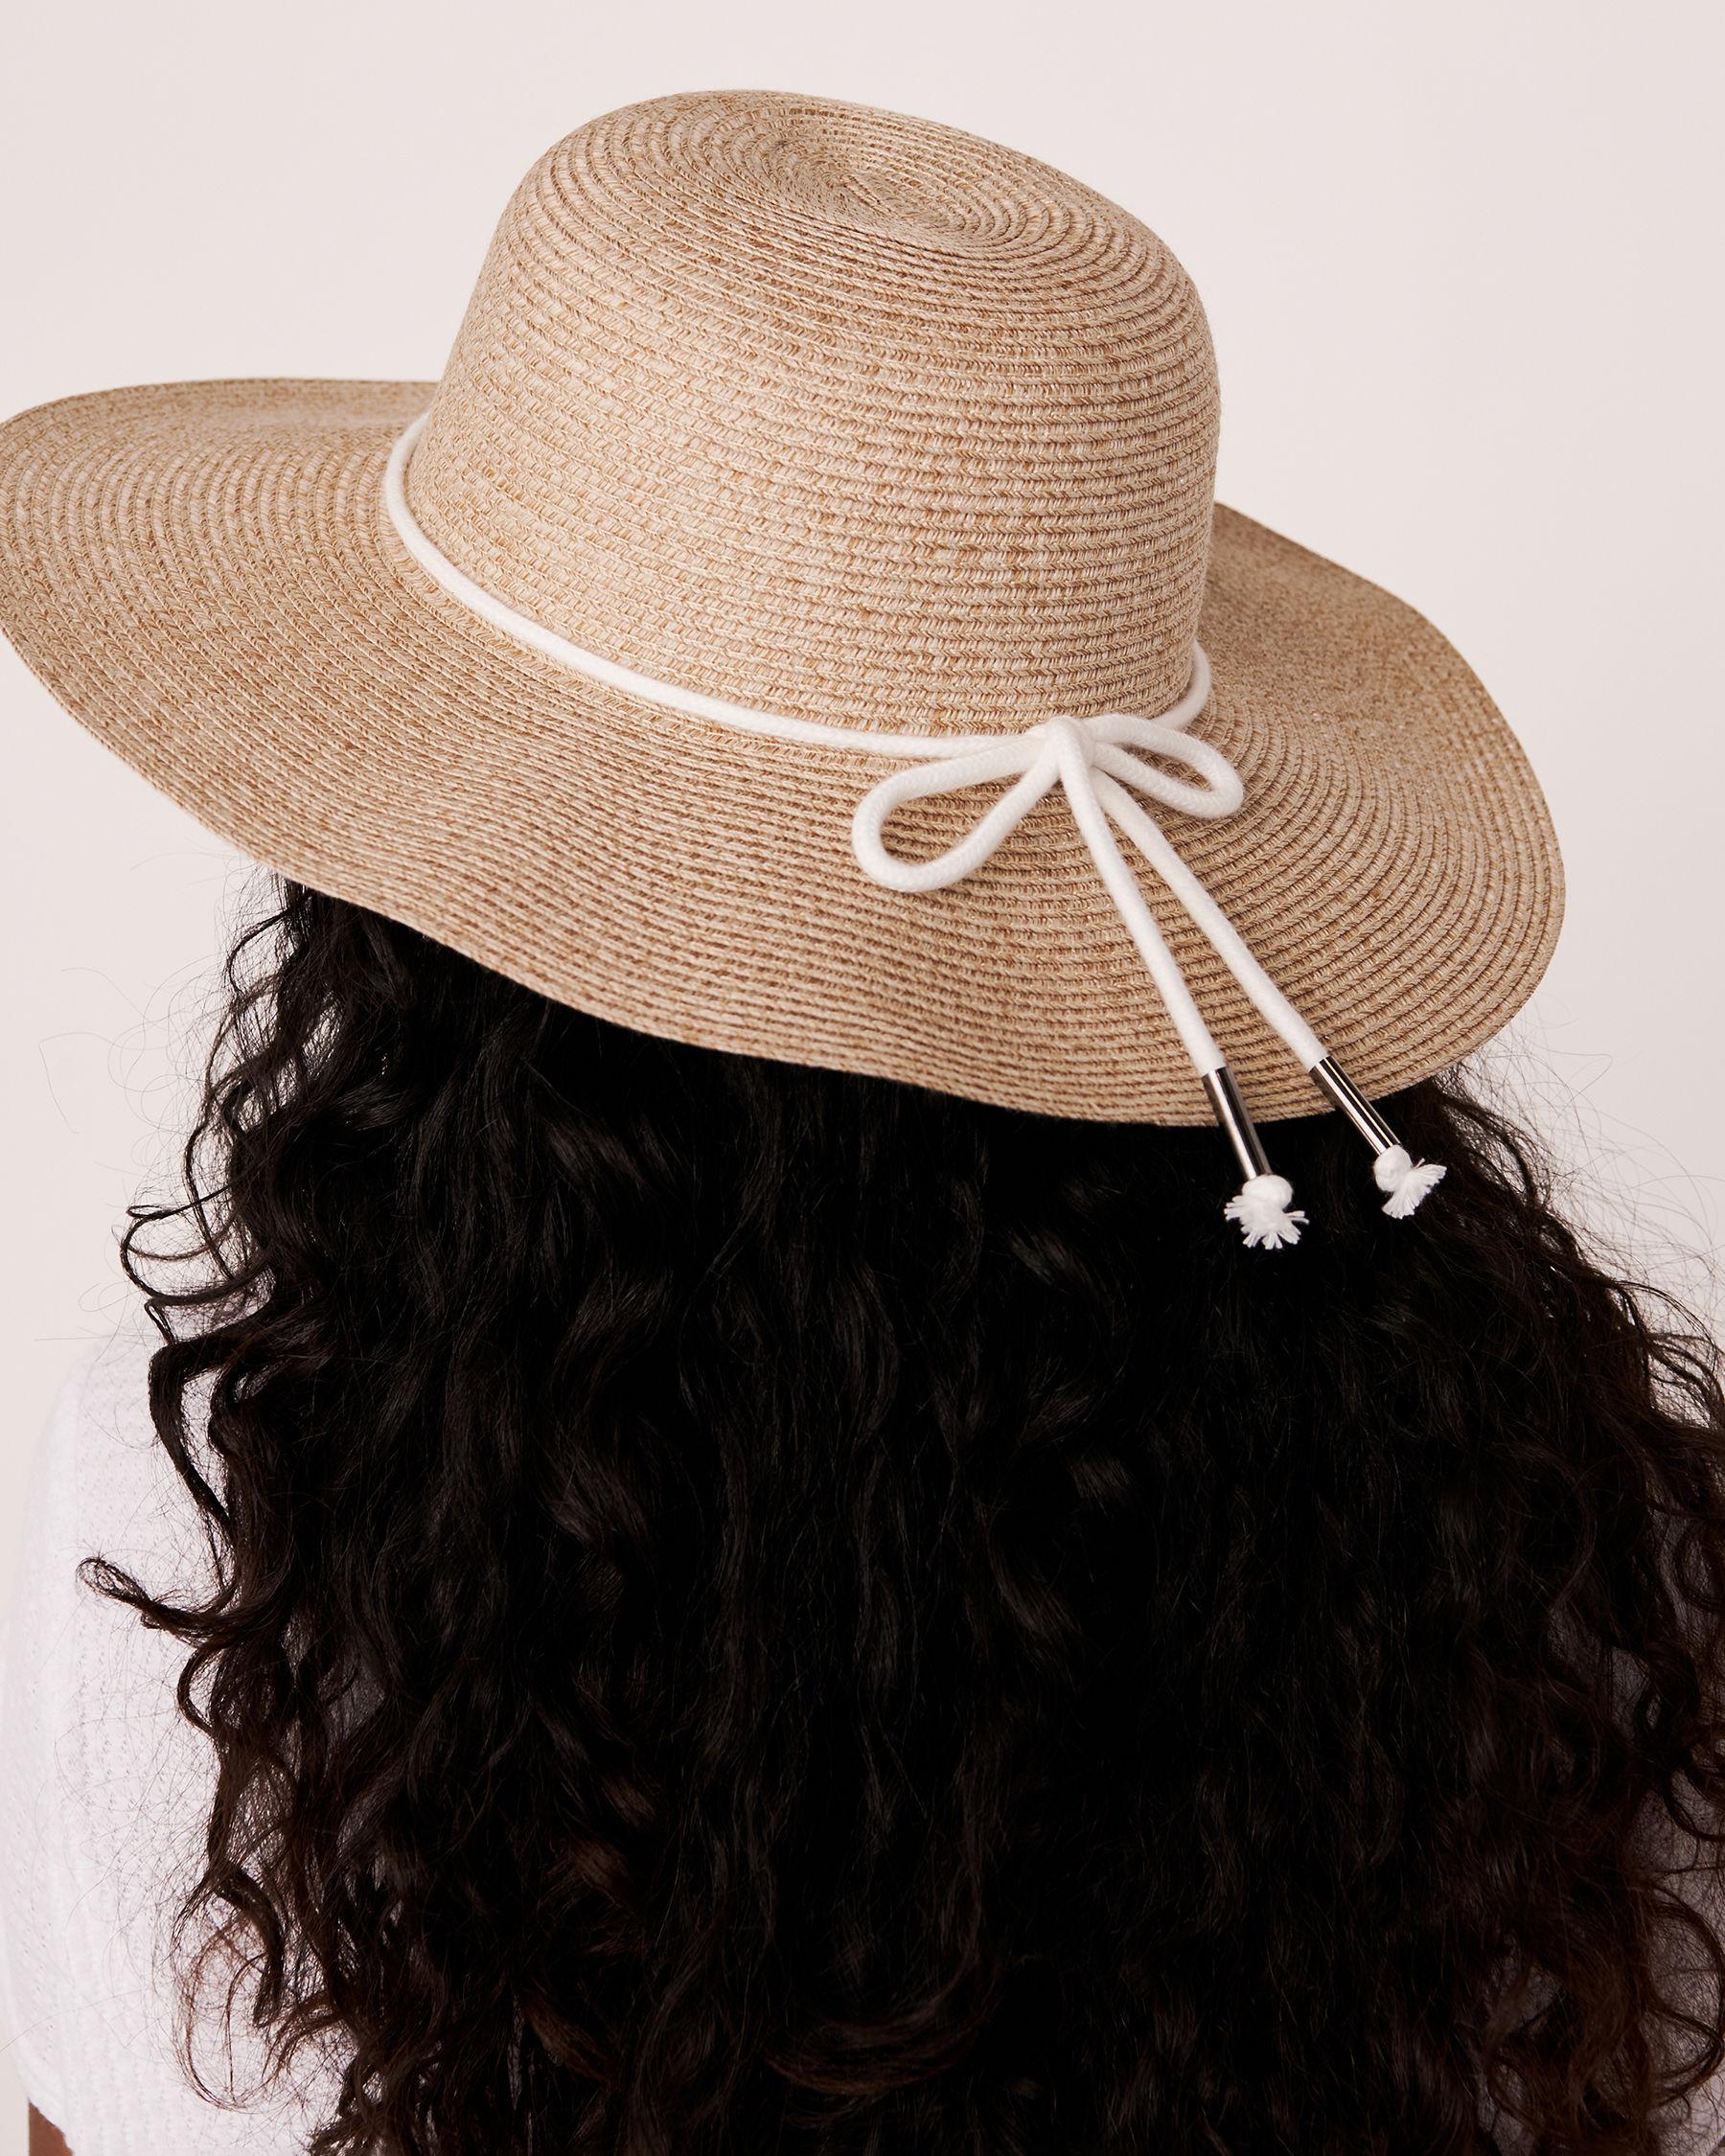 LA VIE EN ROSE AQUA Hat with String Neutral 80500029 - View2